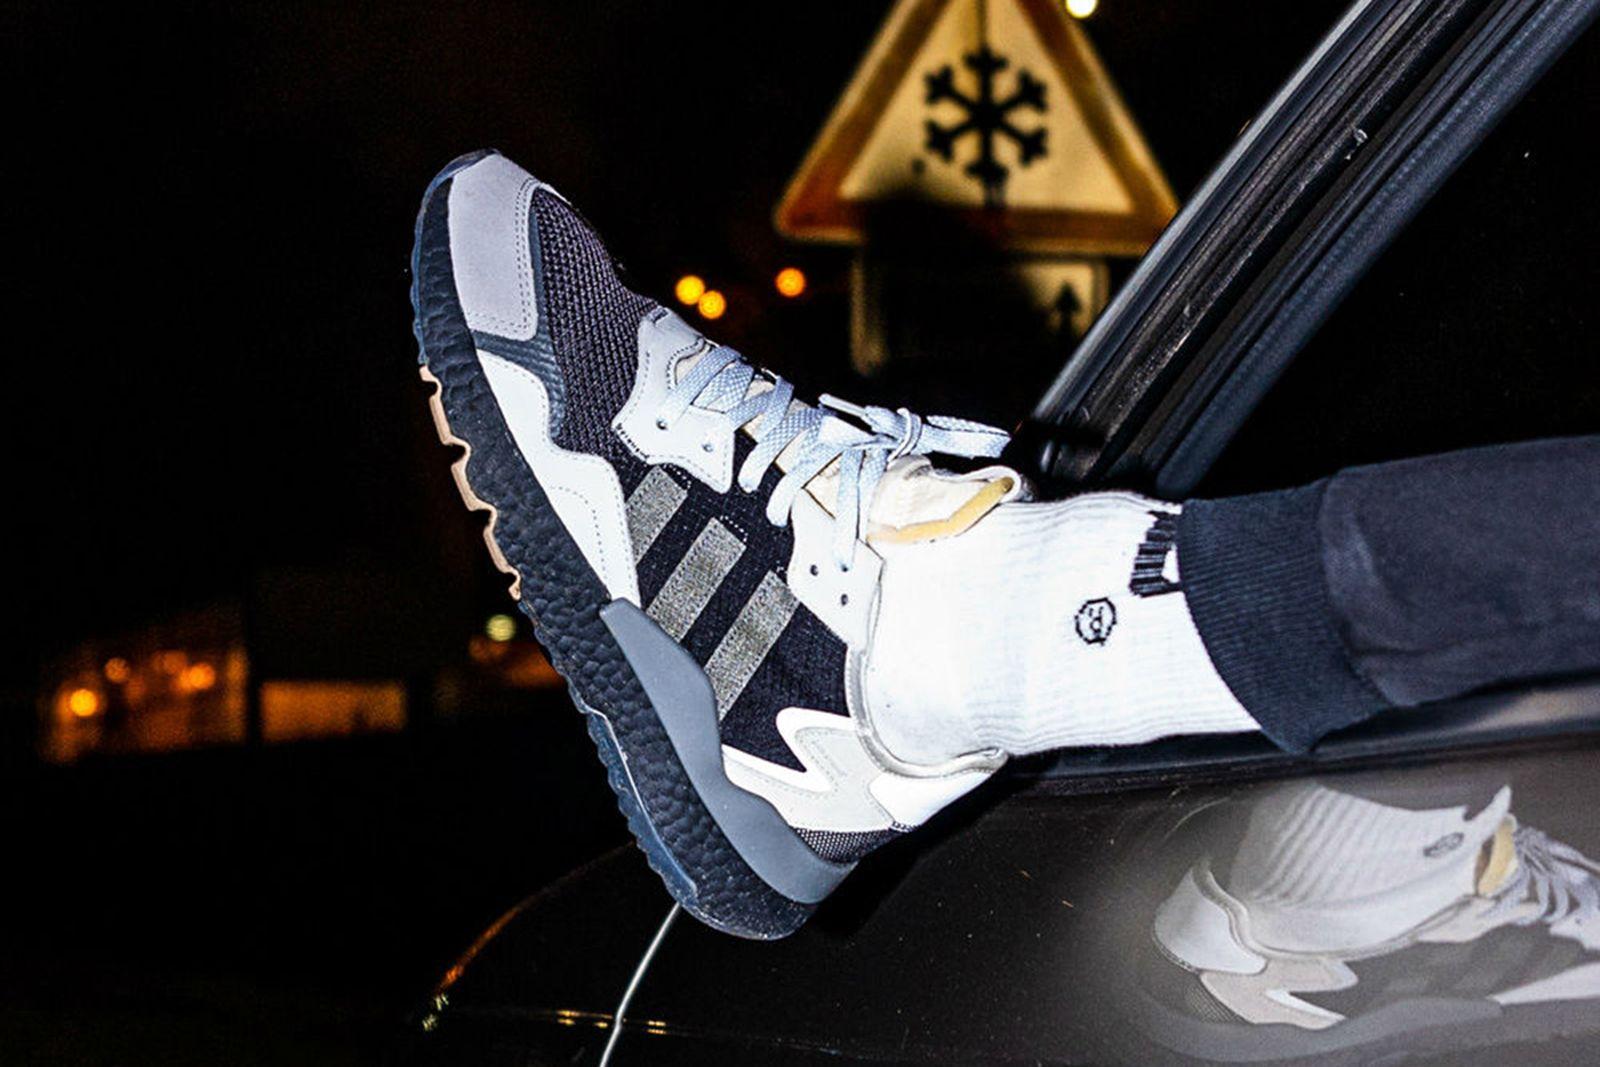 adidas Originals Nite Jogger: Where to Buy Today